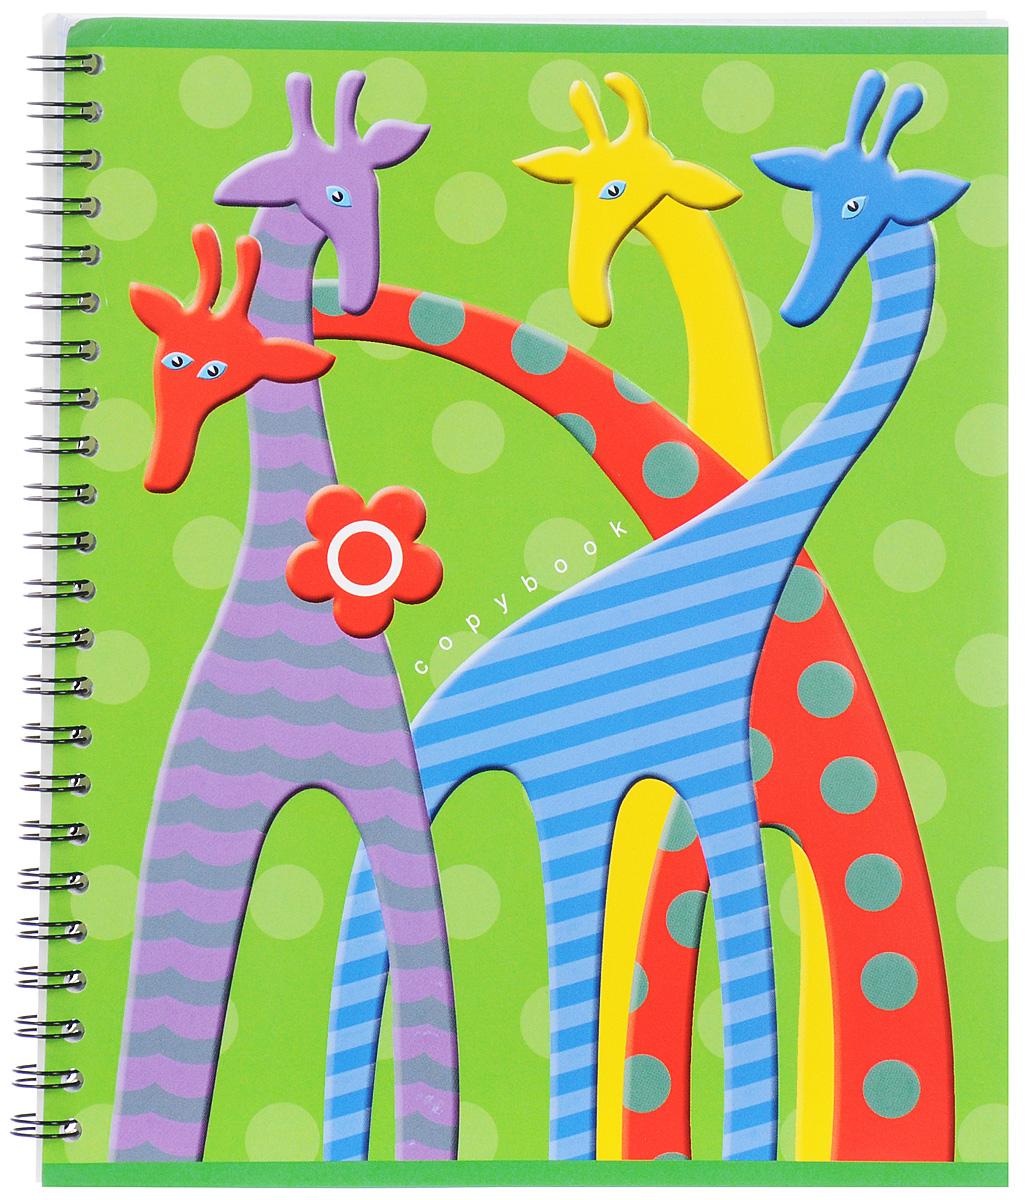 Полиграфика Тетрадь Жирафы 60 листов в клетку цвет салатовый4601921376296_салатовыйТетрадь Полиграфика Жирафы подойдет как школьнику, так и студенту.Обложка тетради выполнена из картона и оформлена яркими изображениями жирафов. Внутренний блок состоит из 60 листов белой бумаги. Стандартная линовка в голубую клетку без полей. Листы тетради соединены металлическим гребнем.